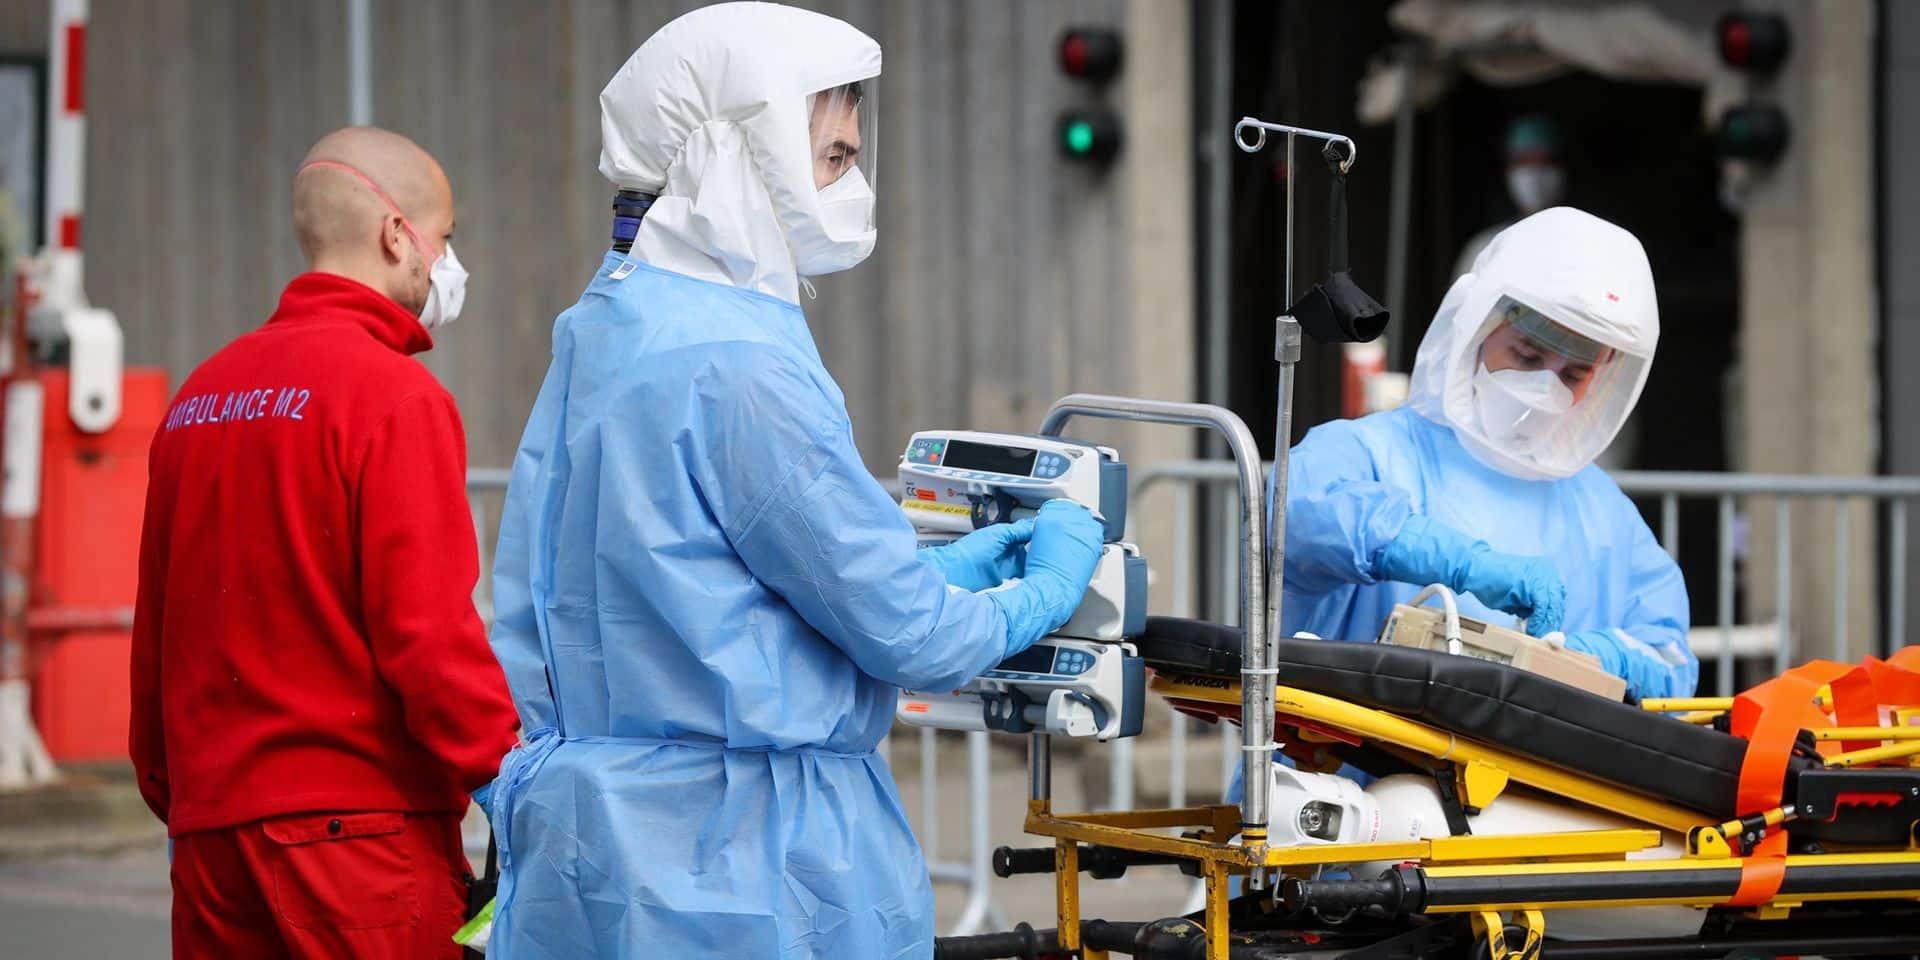 """Malgré la solidarité et le système D, les hôpitaux font face à des pénuries en cascade: """"Dans un grand hôpital, ils ont déjà fait des stocks de sacs poubelle"""""""